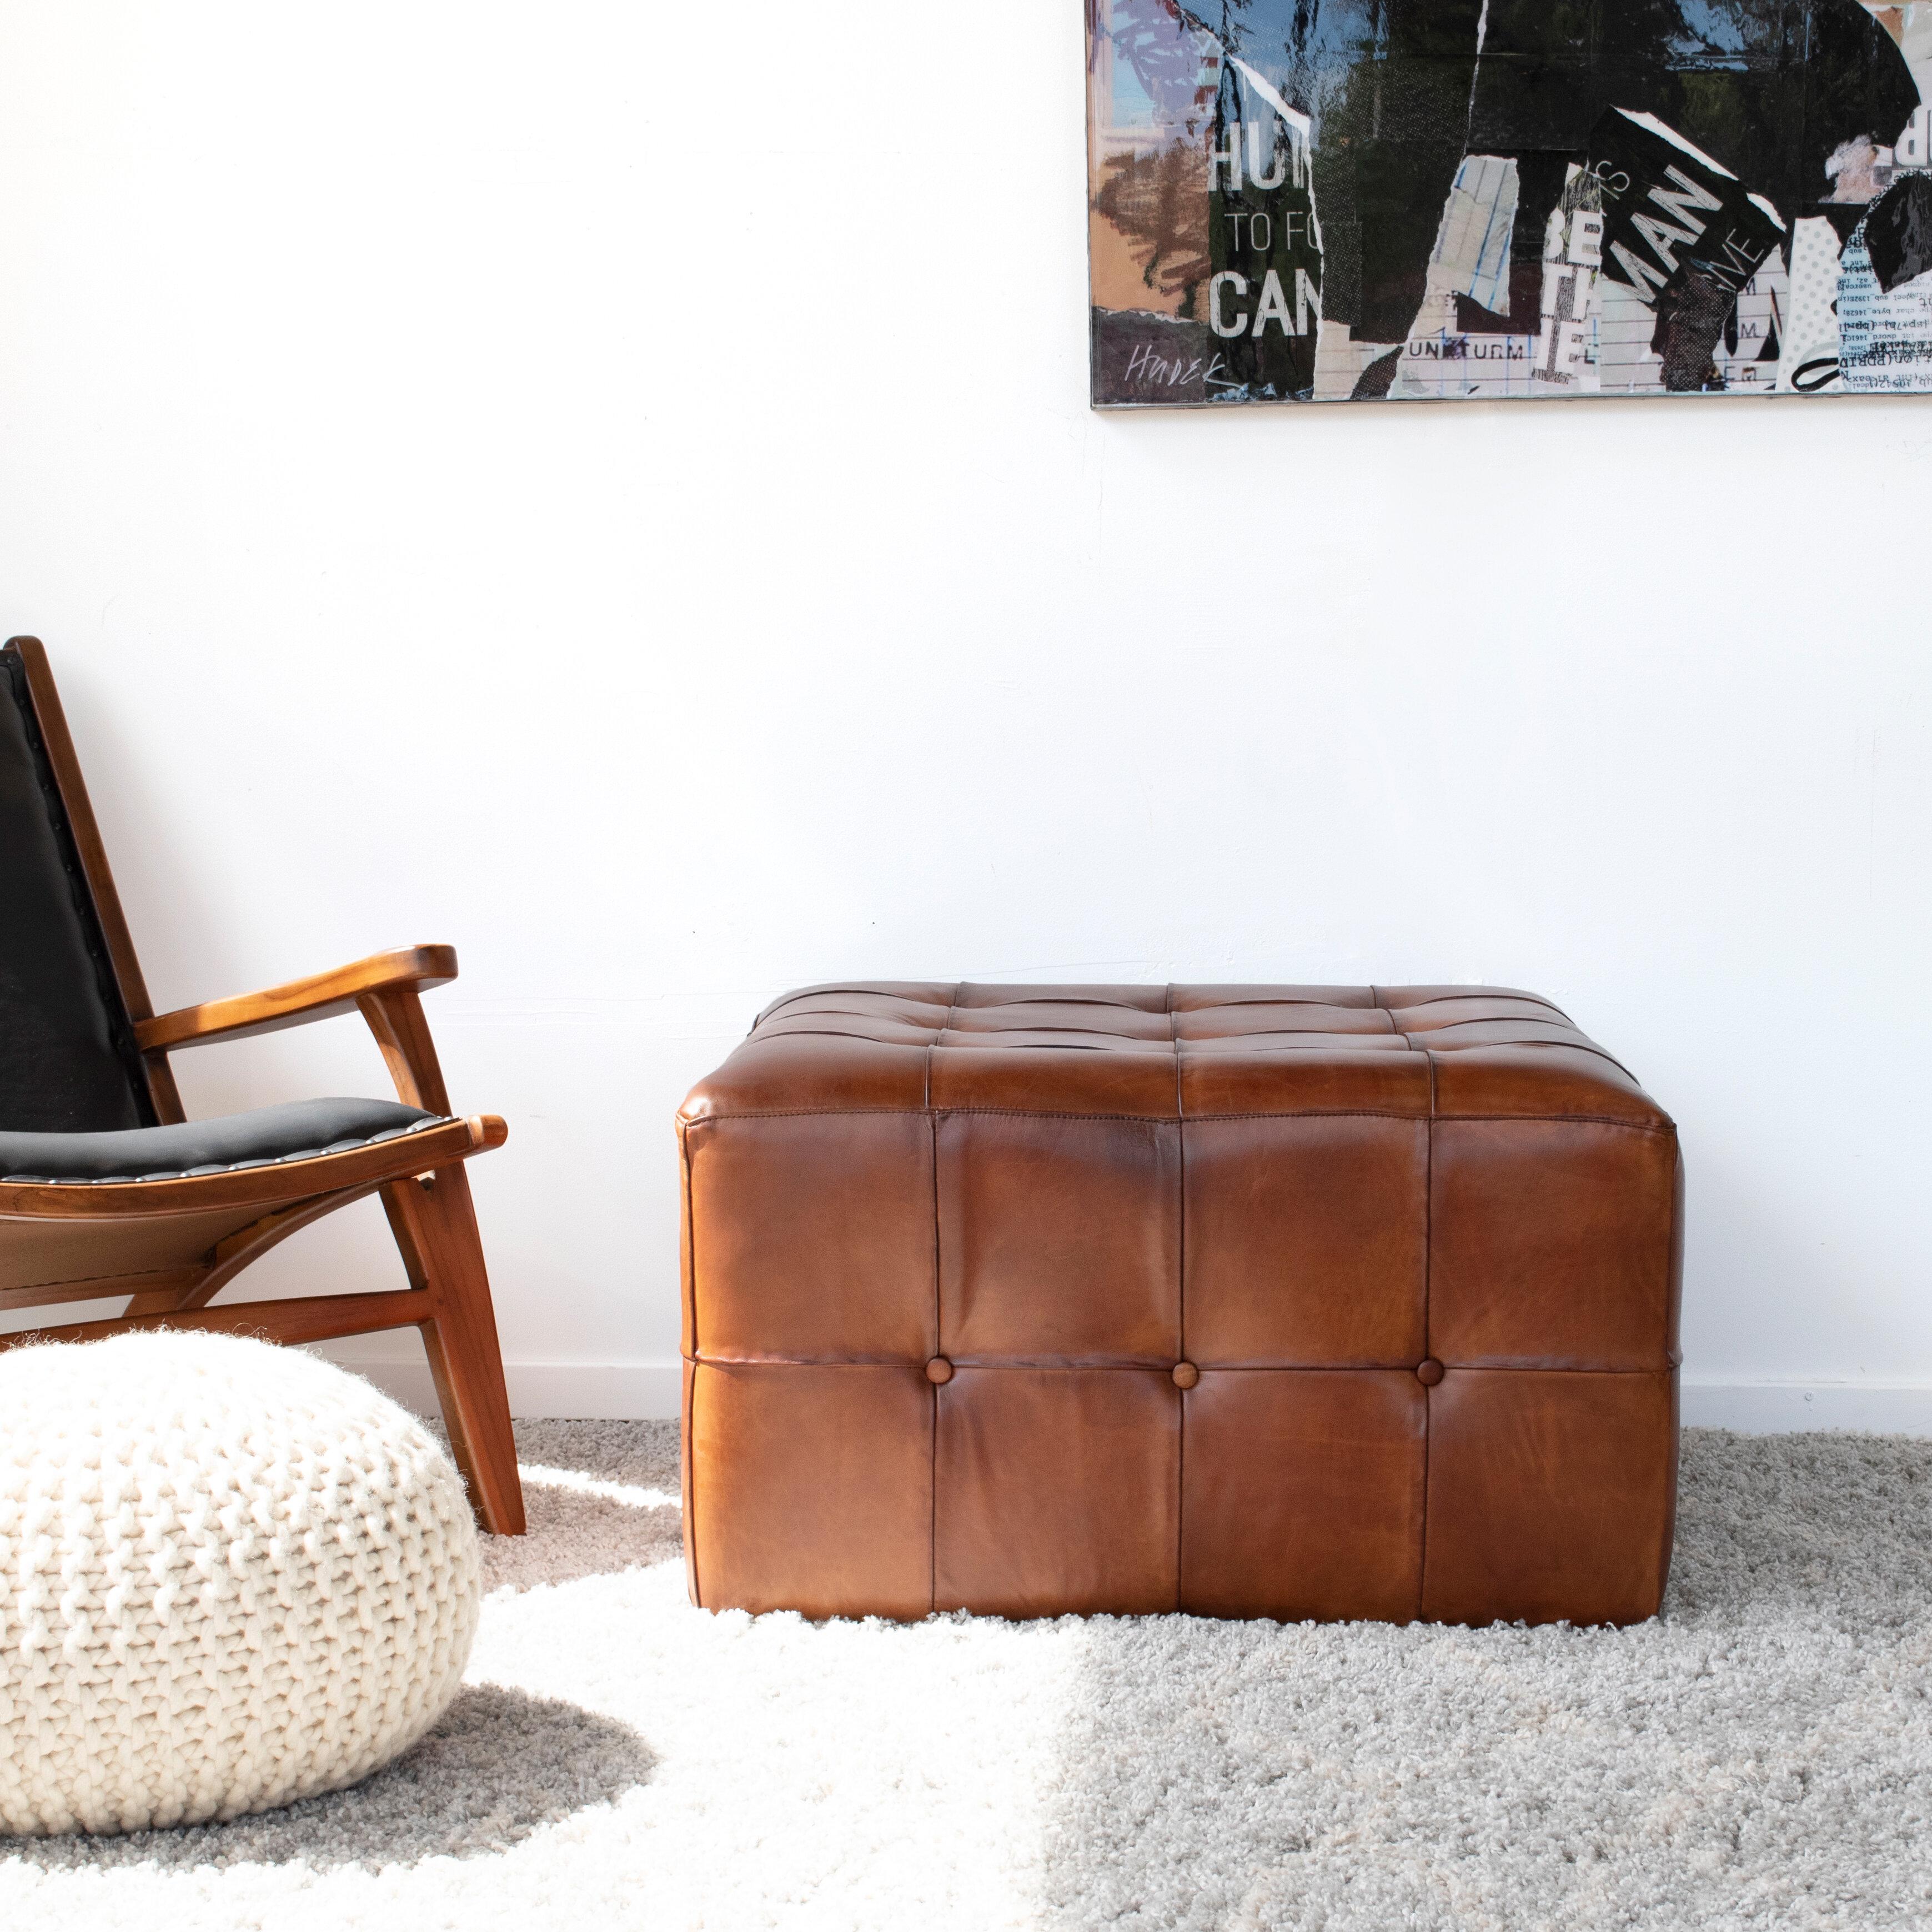 Fine Guidi Chester Leather Tufted Ottoman Uwap Interior Chair Design Uwaporg